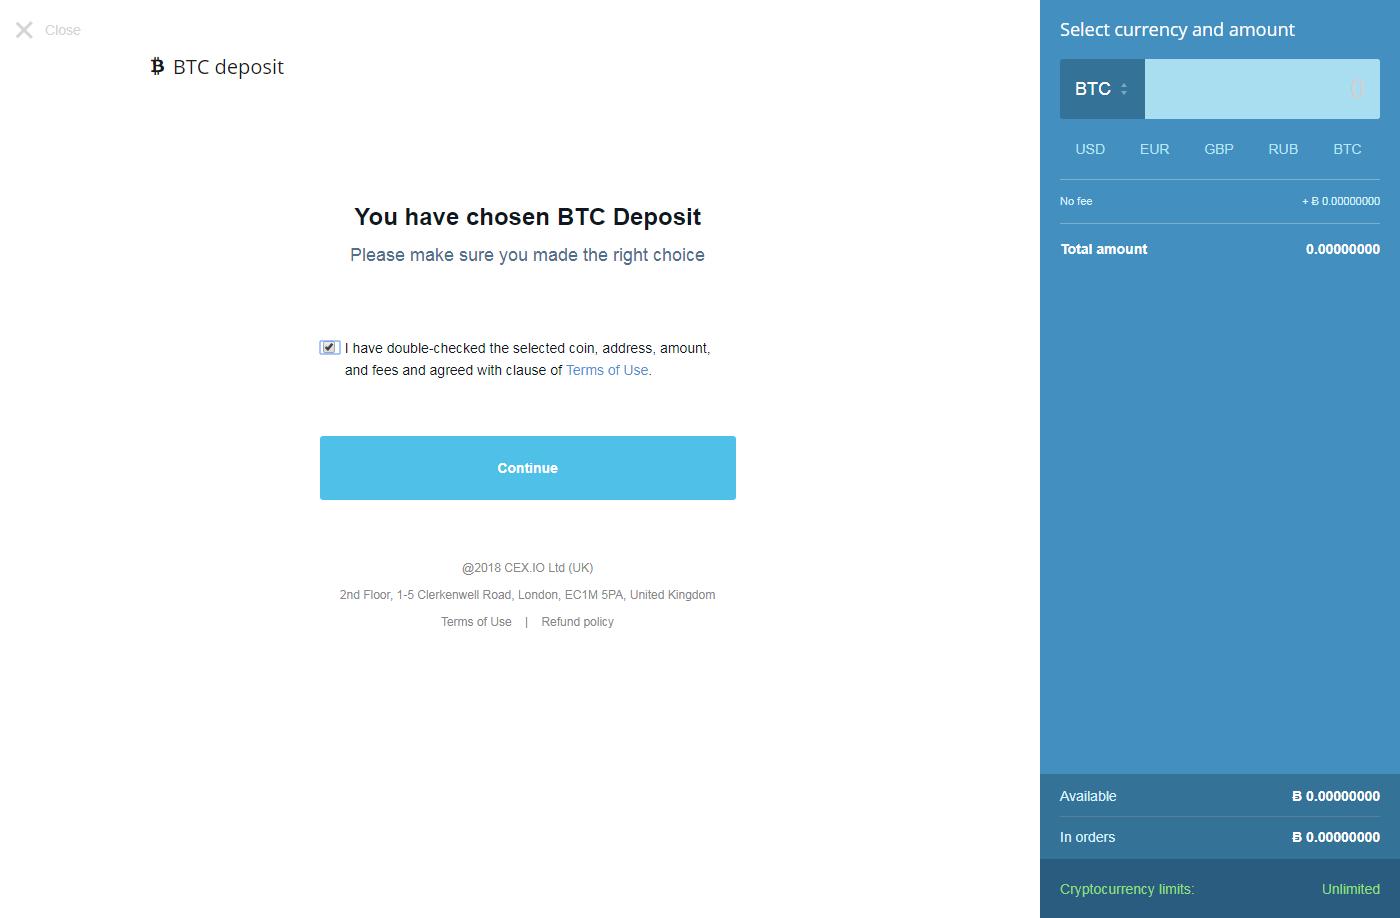 BTC deposit CEX.IO